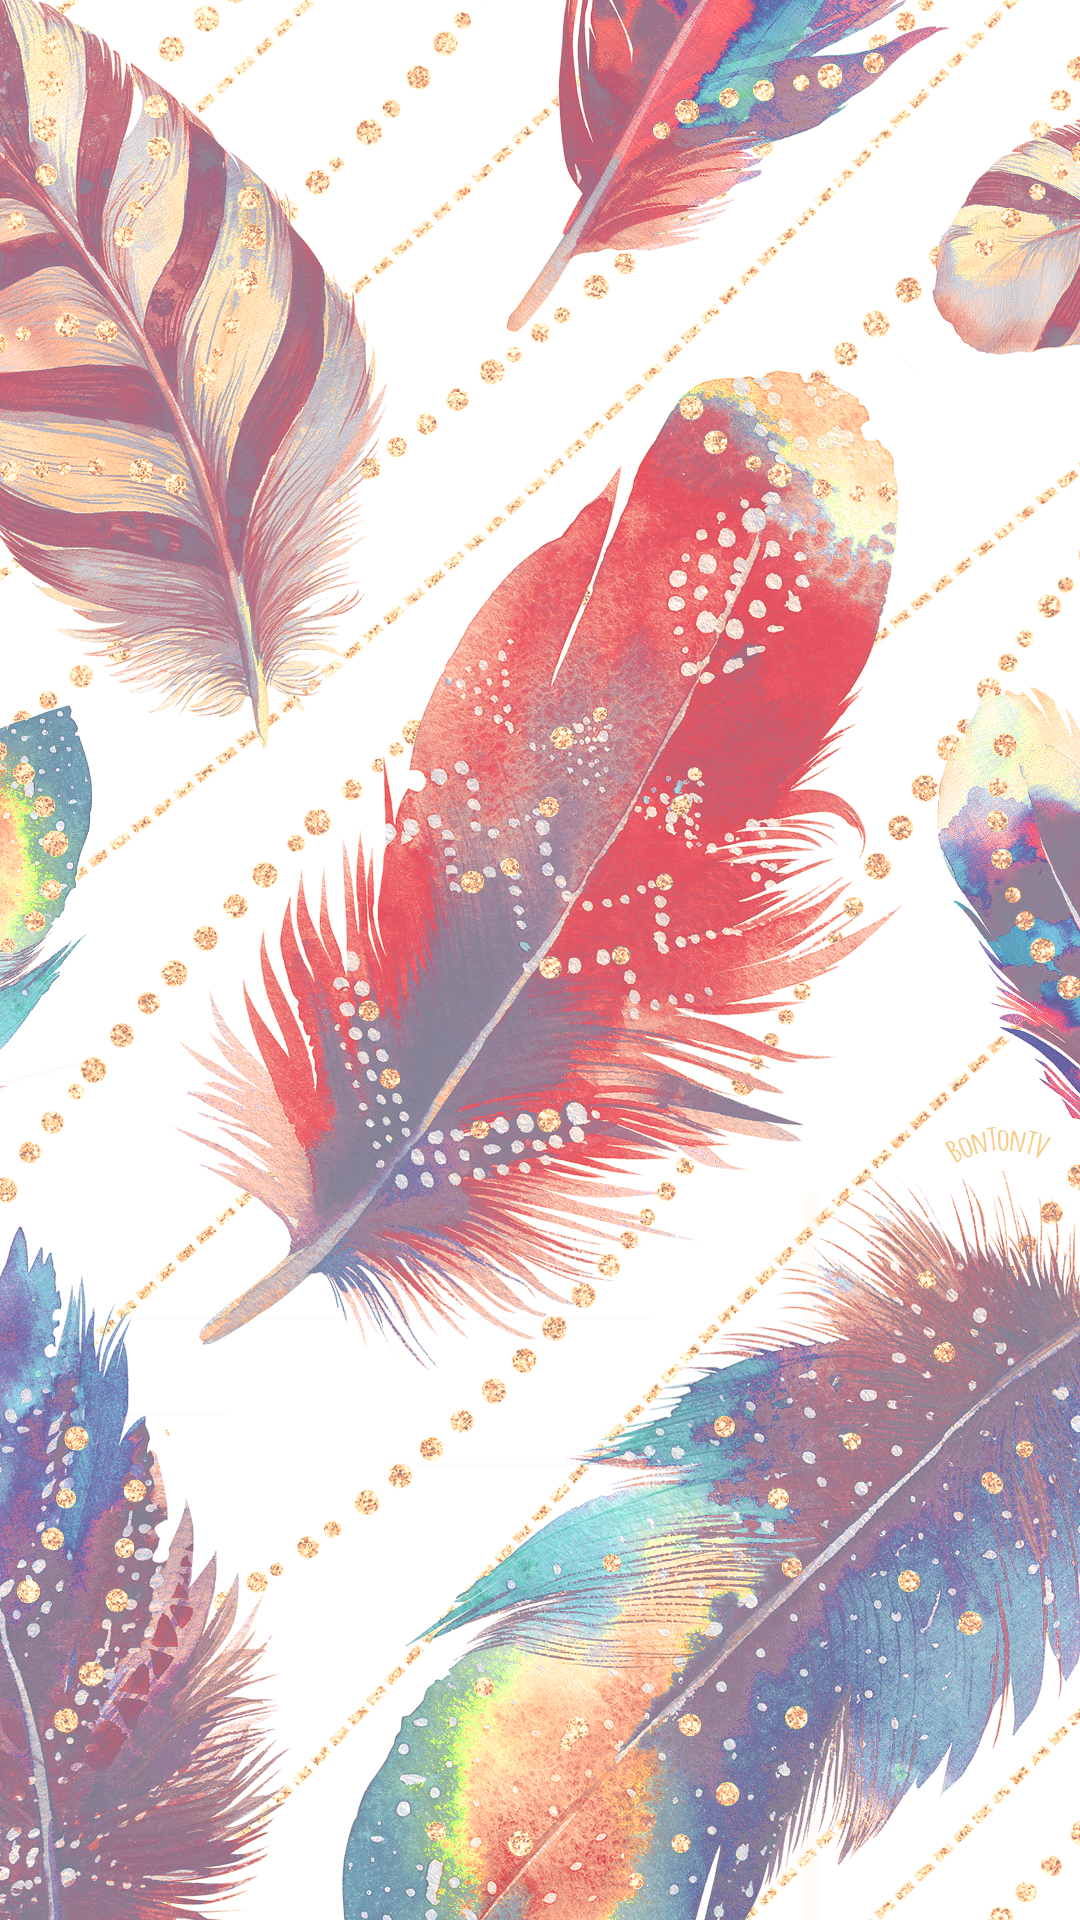 Rose Gold Elegant Wallpaper Iphone - HD Wallpaper